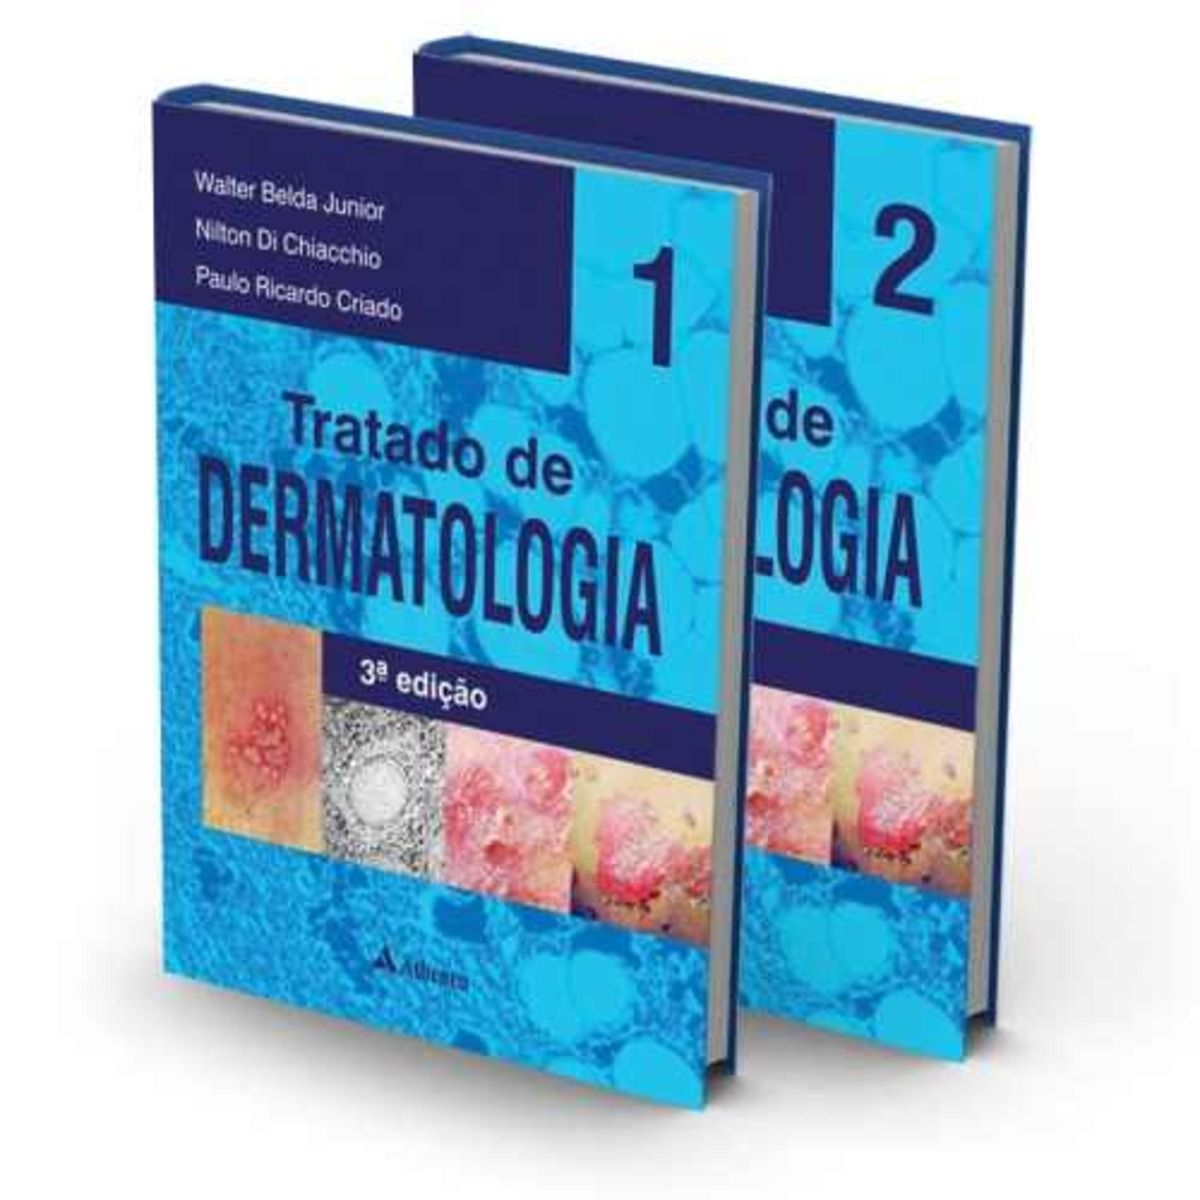 Tratado De Dermatologia Belda Júnior 3ª Edição